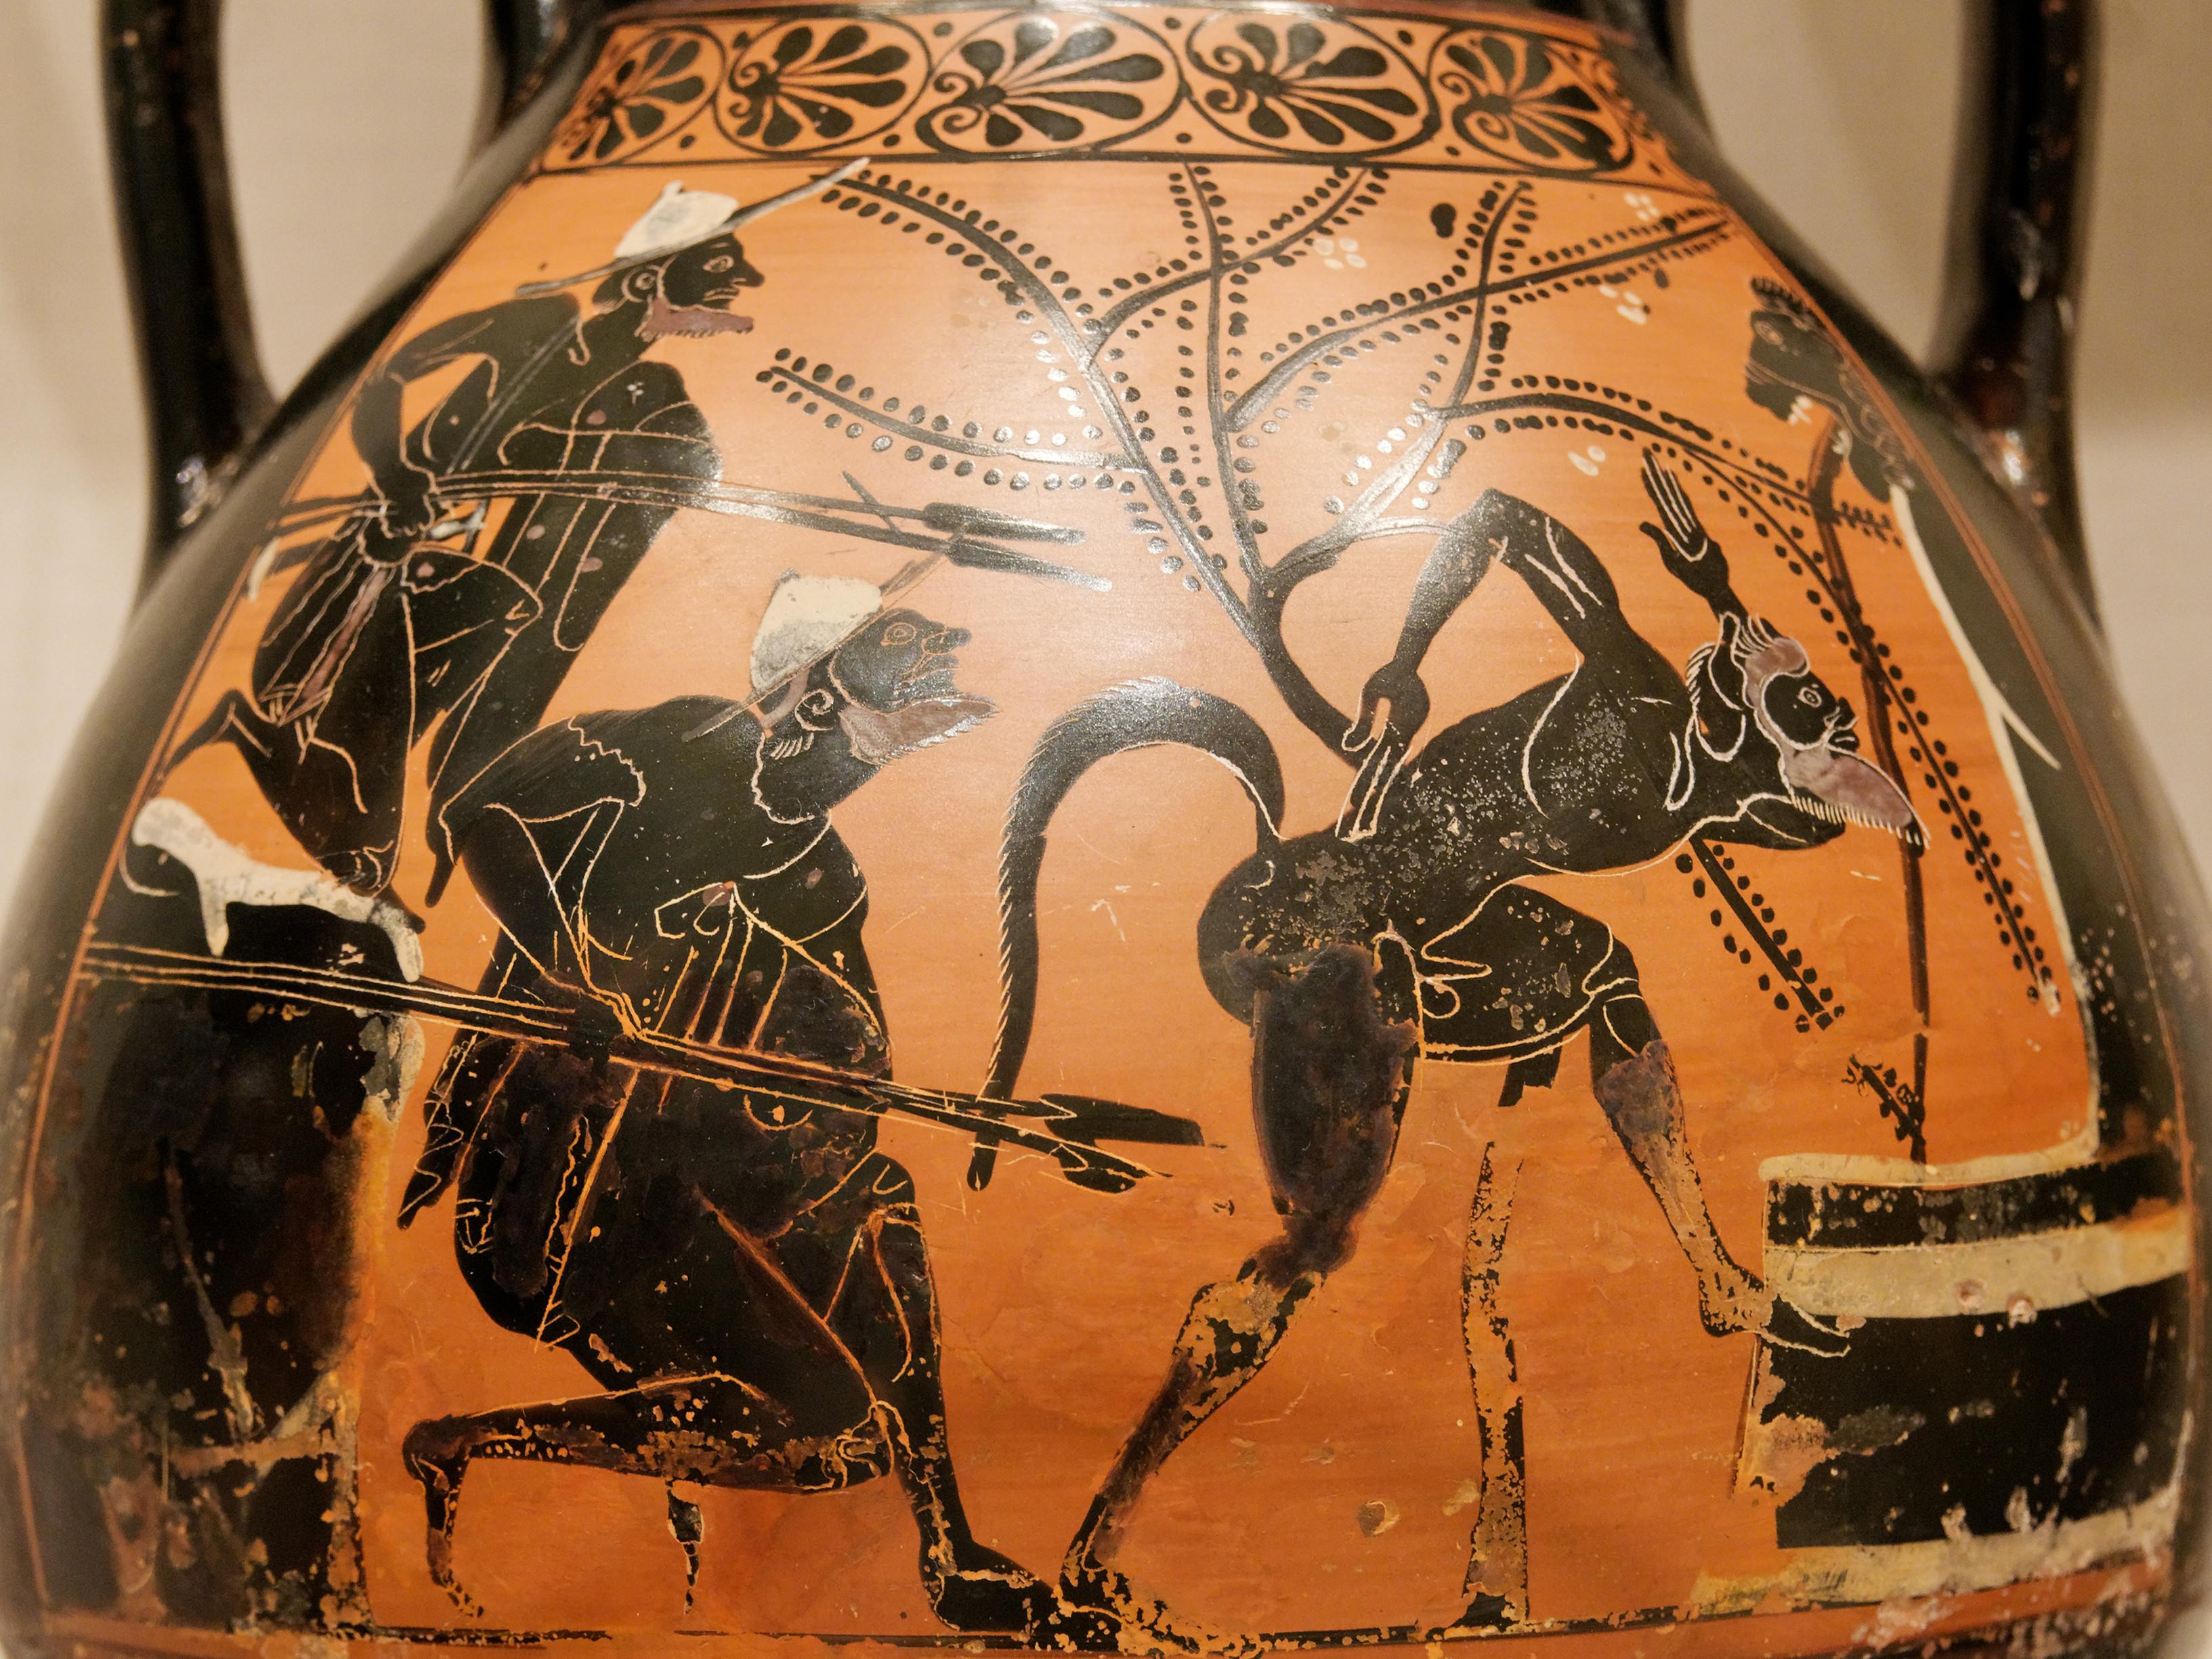 ceramic vase fountain of filesilenos midas met 49 11 1 wikimedia commons inside filesilenos midas met 49 11 1